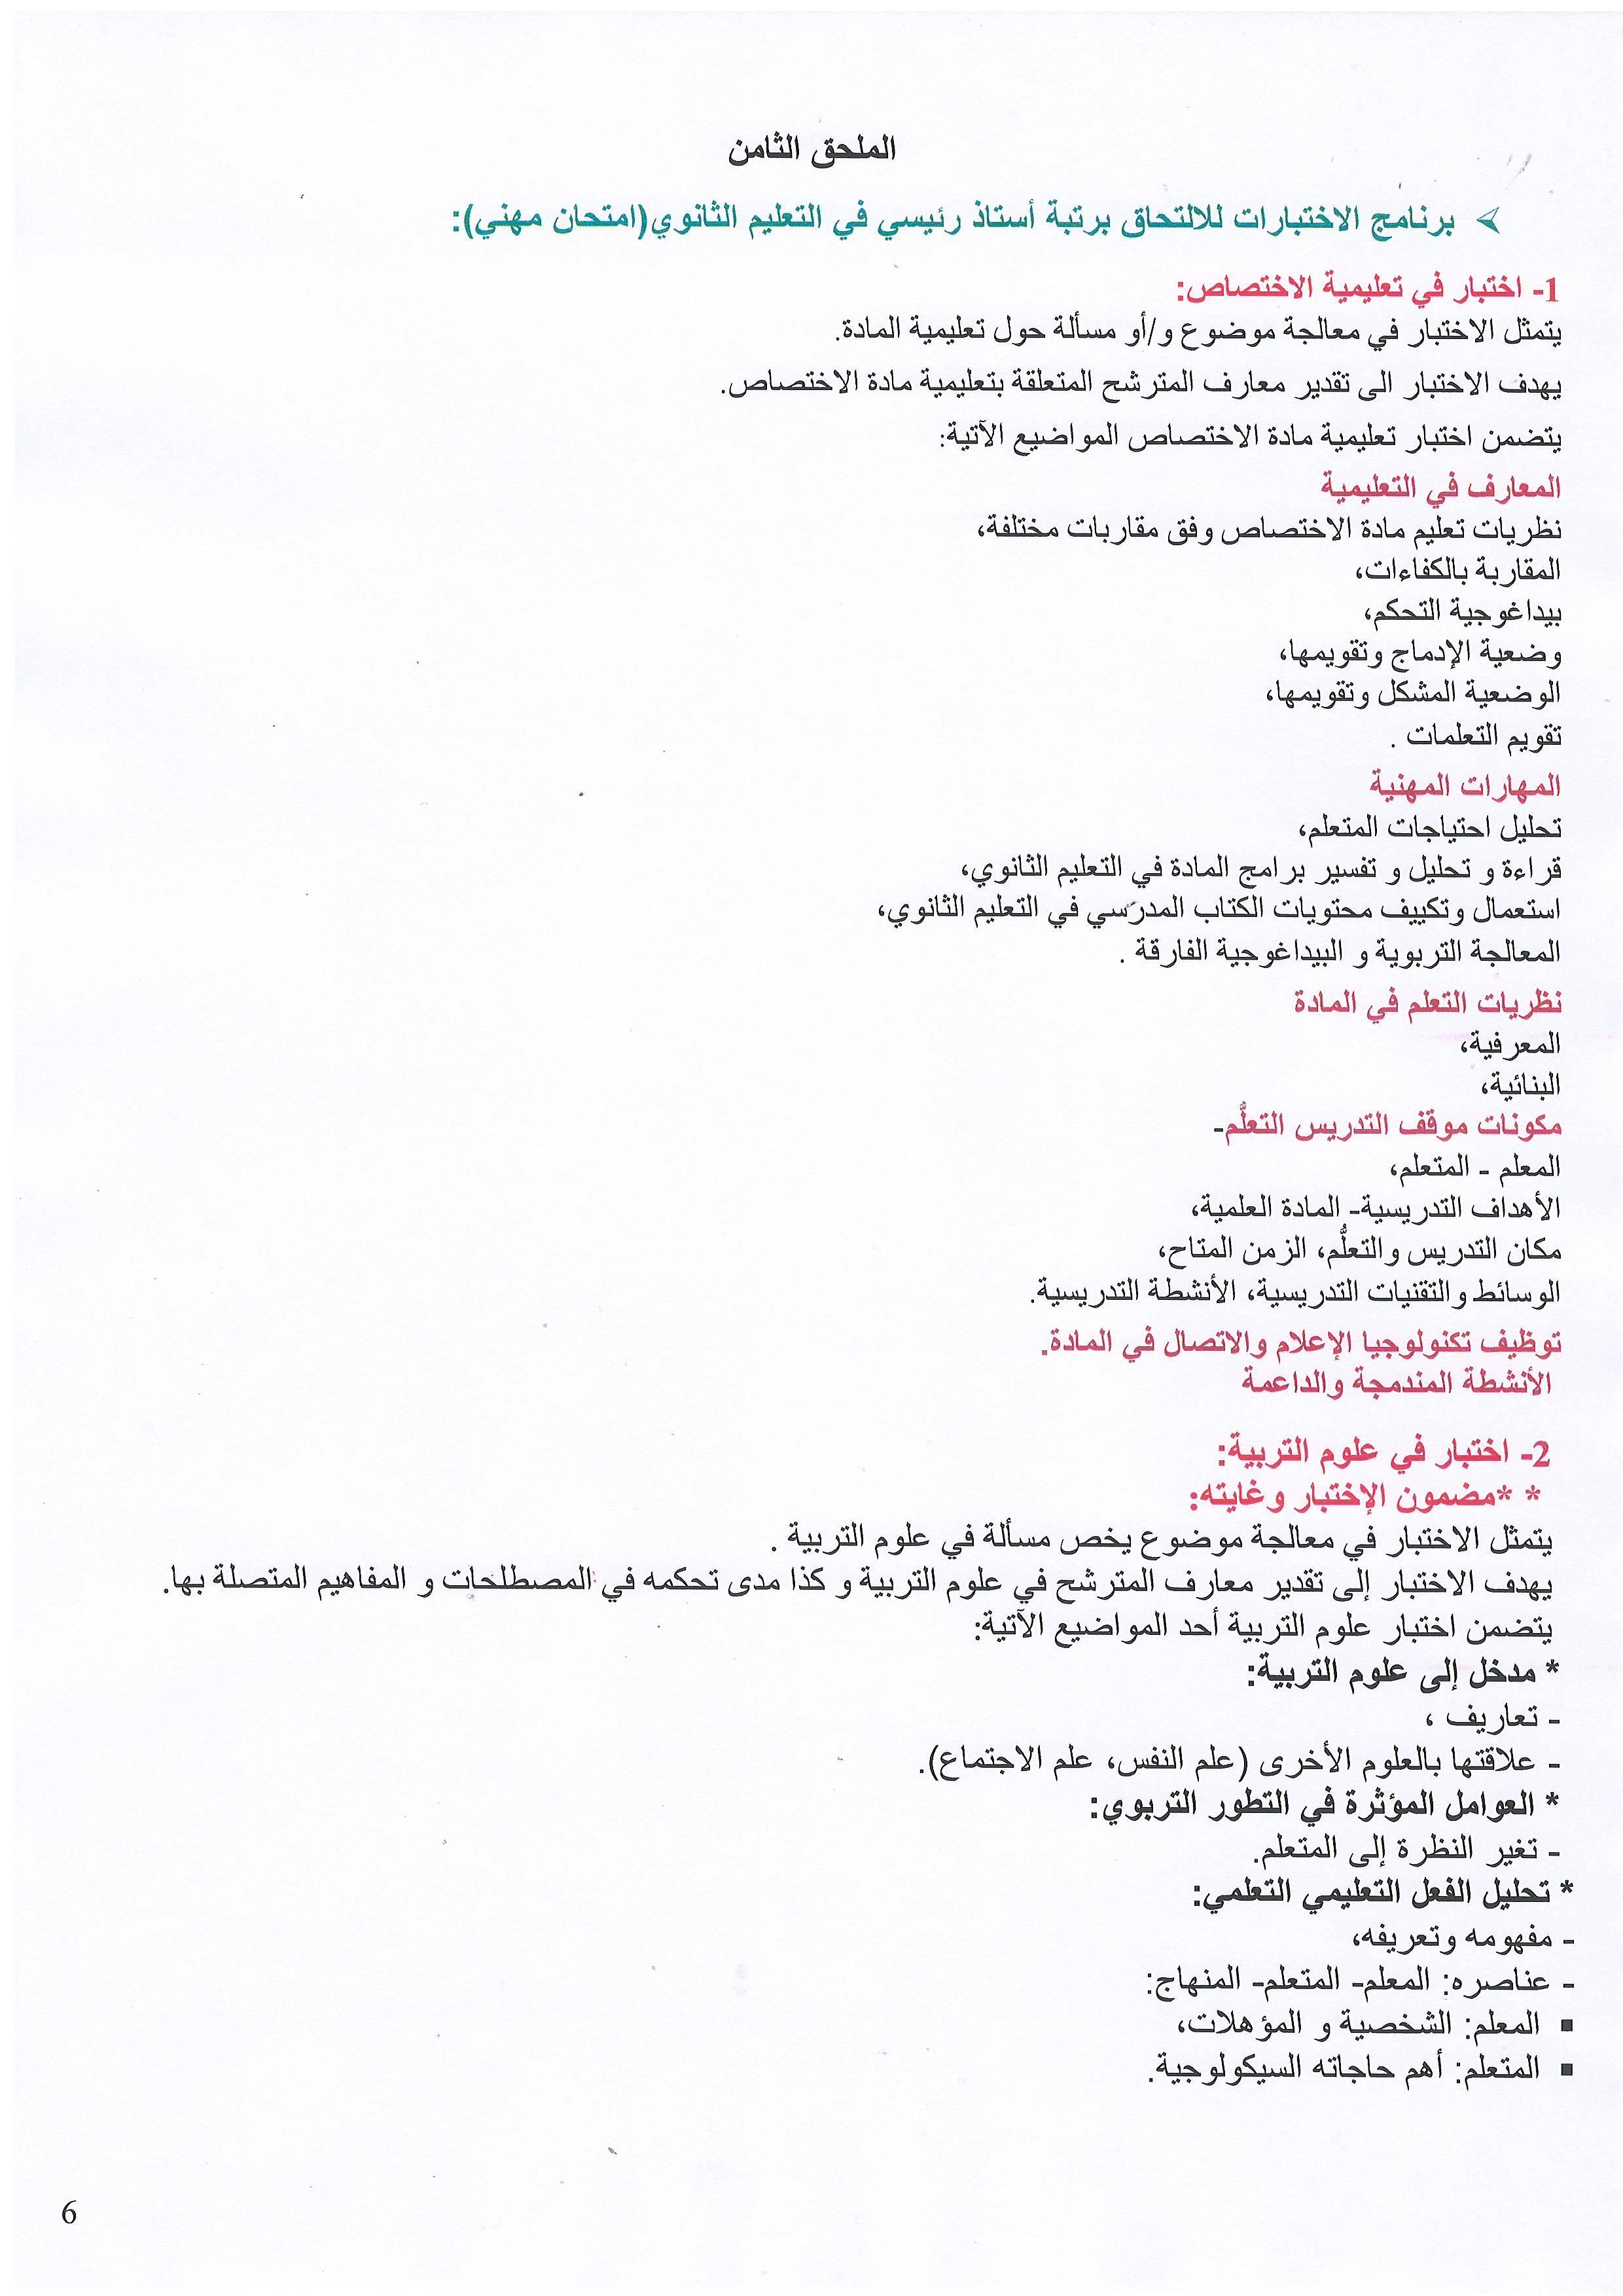 مواضيع مسابقة  استاذ  /استاذ مكون /استاذ رئيسي جميع التخصصات  EXAMEN-PROFESSIONNEL6